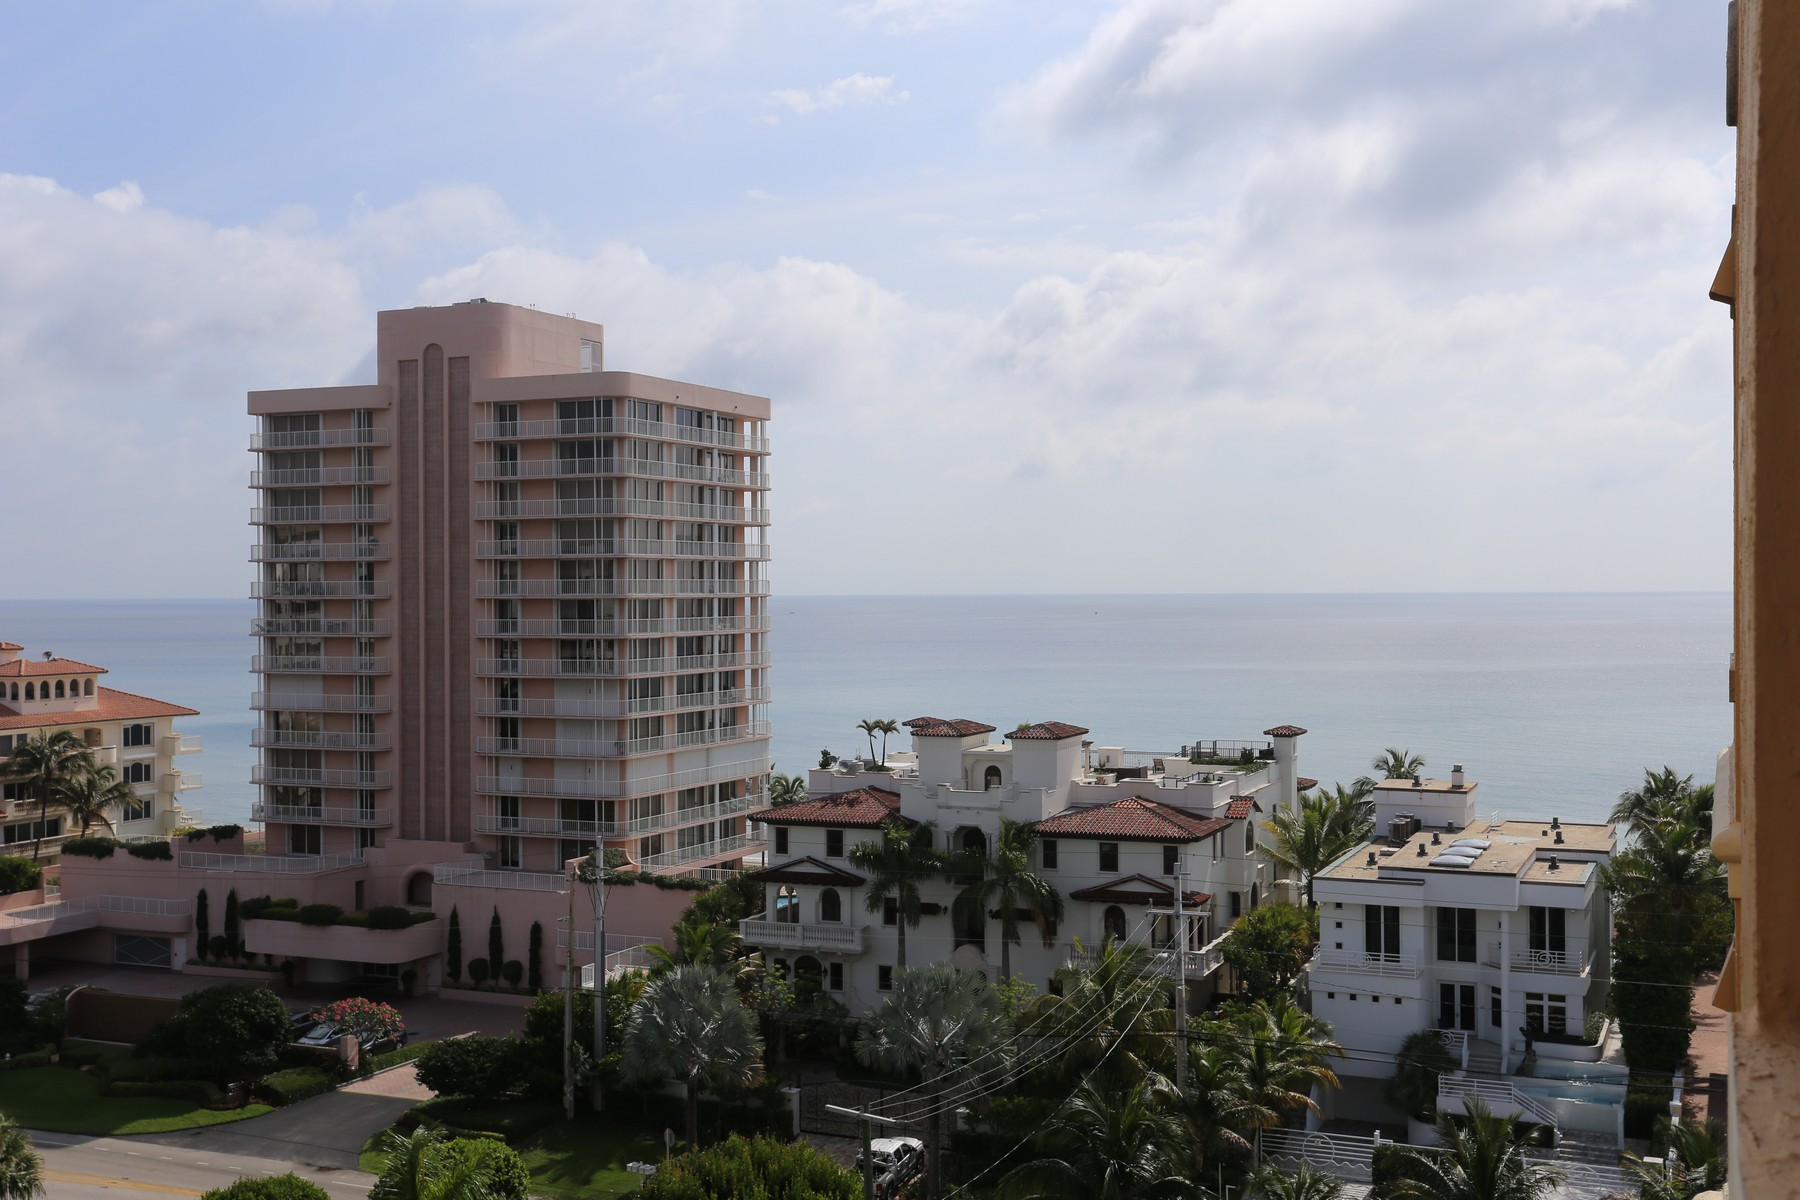 Condomínio para Venda às 3594 S Ocean Blvd , 1006, Highland Beach, FL 33487 3594 S Ocean Blvd 1006 Highland Beach, Florida 33487 Estados Unidos